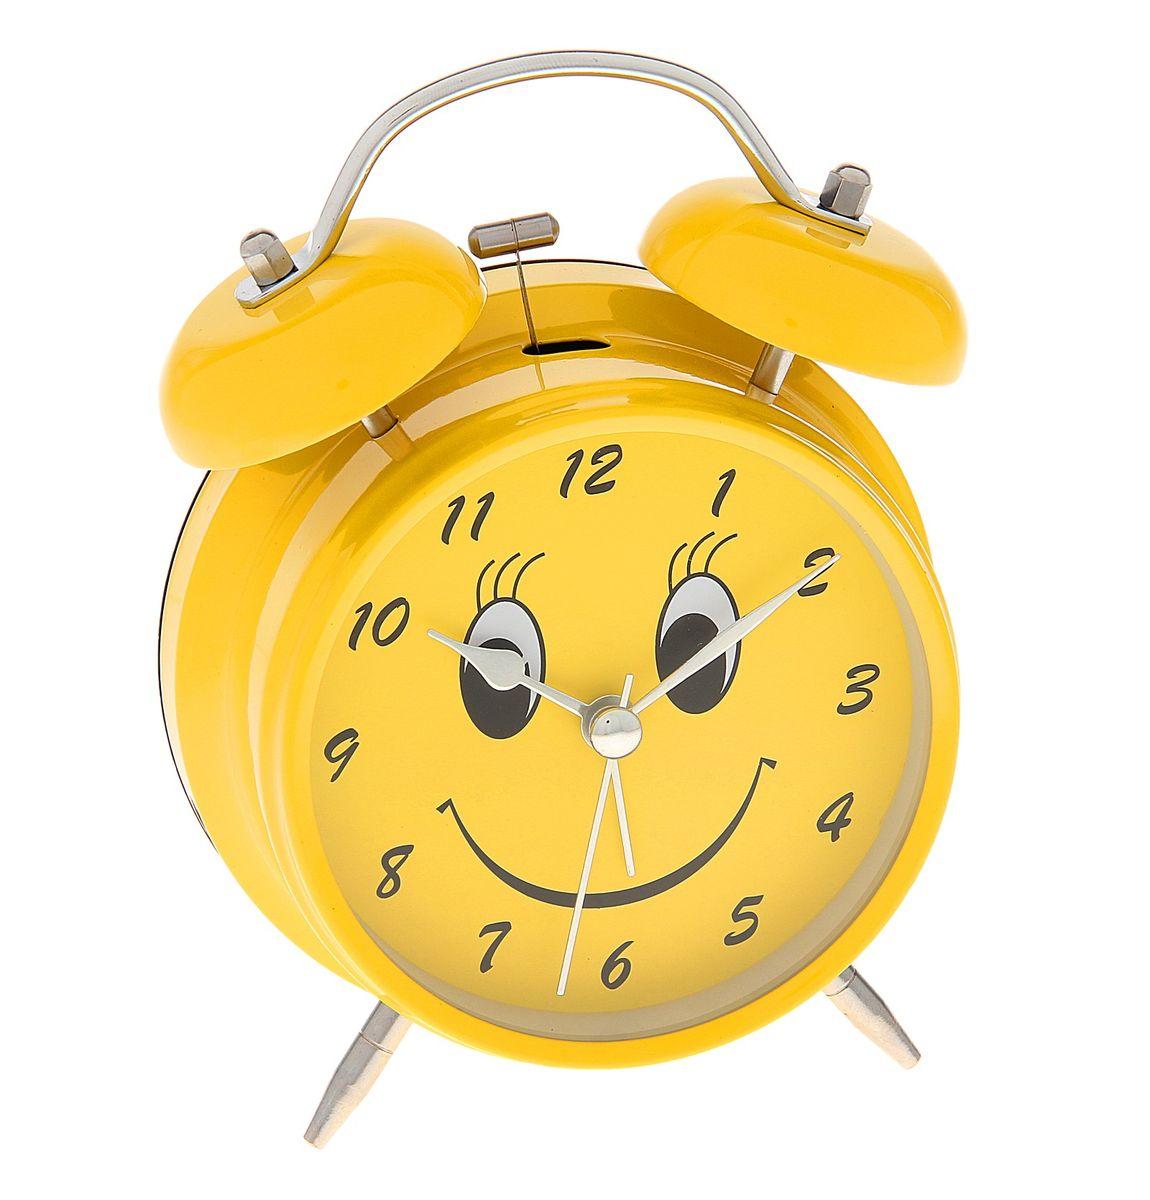 Часы-будильник Sima-land Смайл, цвет: желтый. 720829720829Как же сложно иногда вставать вовремя! Всегда так хочется поспать еще хотя бы 5 минут и бывает, что мы просыпаем. Теперь этого не случится! Яркий, оригинальный будильник Sima-land Смайл поможет вам всегда вставать в нужное время и успевать везде и всюду. Корпус будильника выполнен из металла. Циферблат оформлен изображением веселого смайла. Часы снабжены 4 стрелками (секундная, минутная, часовая и для будильника). На задней панели будильника расположен переключатель включения/выключения механизма, а также два колесика для настройки текущего времени и времени звонка будильника. Часы снабжены подсветкой, которая включается нажатием на кнопку с задней стороны.Пользоваться будильником очень легко: нужно всего лишь поставить батарейку, настроить точное время и установить время звонка.Необходимо докупить 1 батарейку типа АА (не входит в комплект).